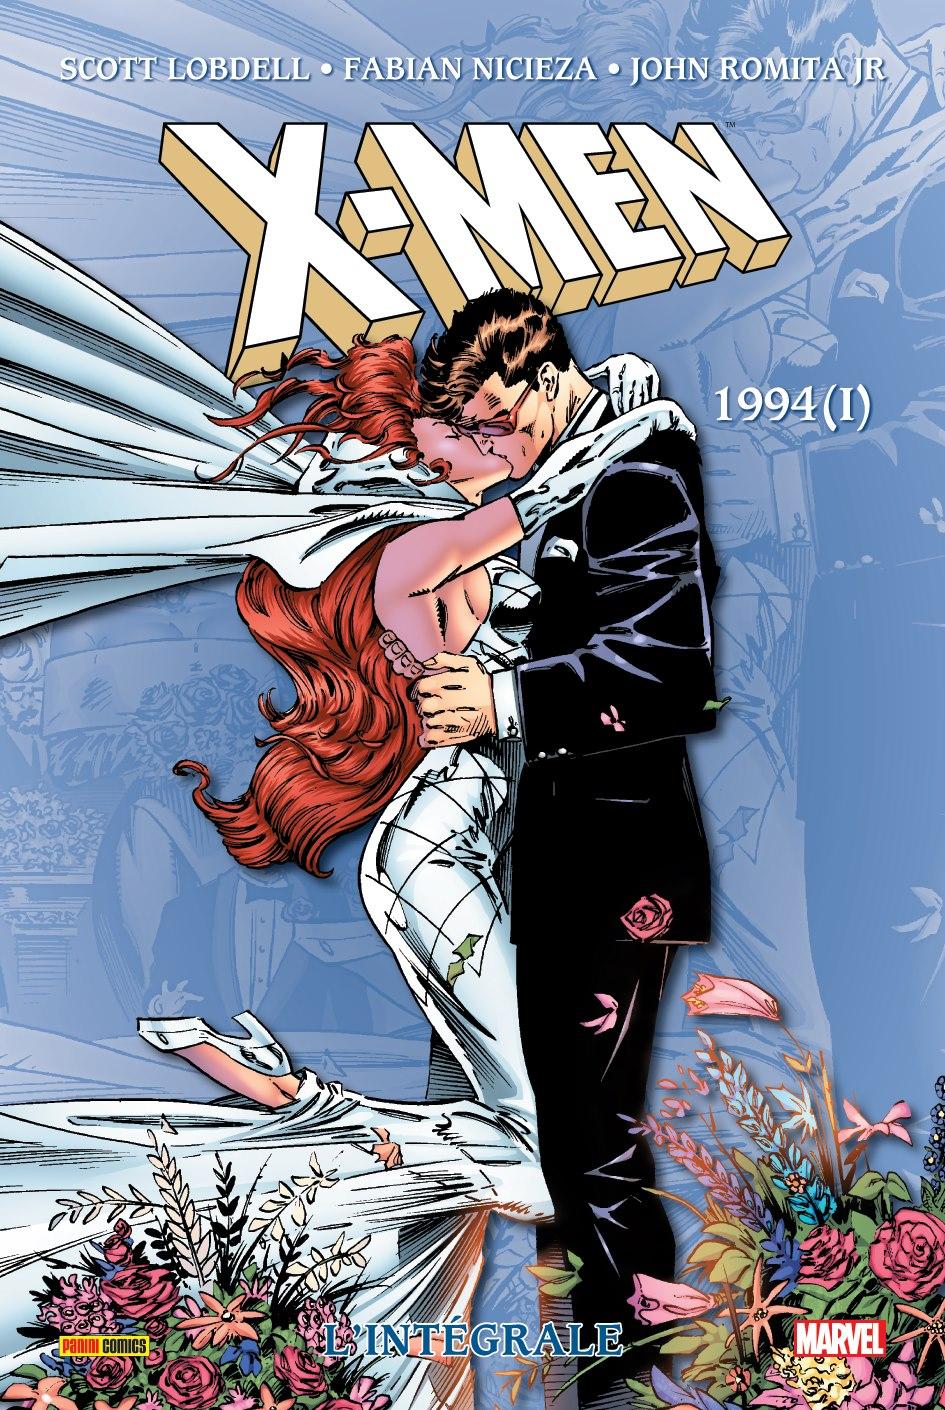 X-MEN, L'INTEGRALE 1994 (I)